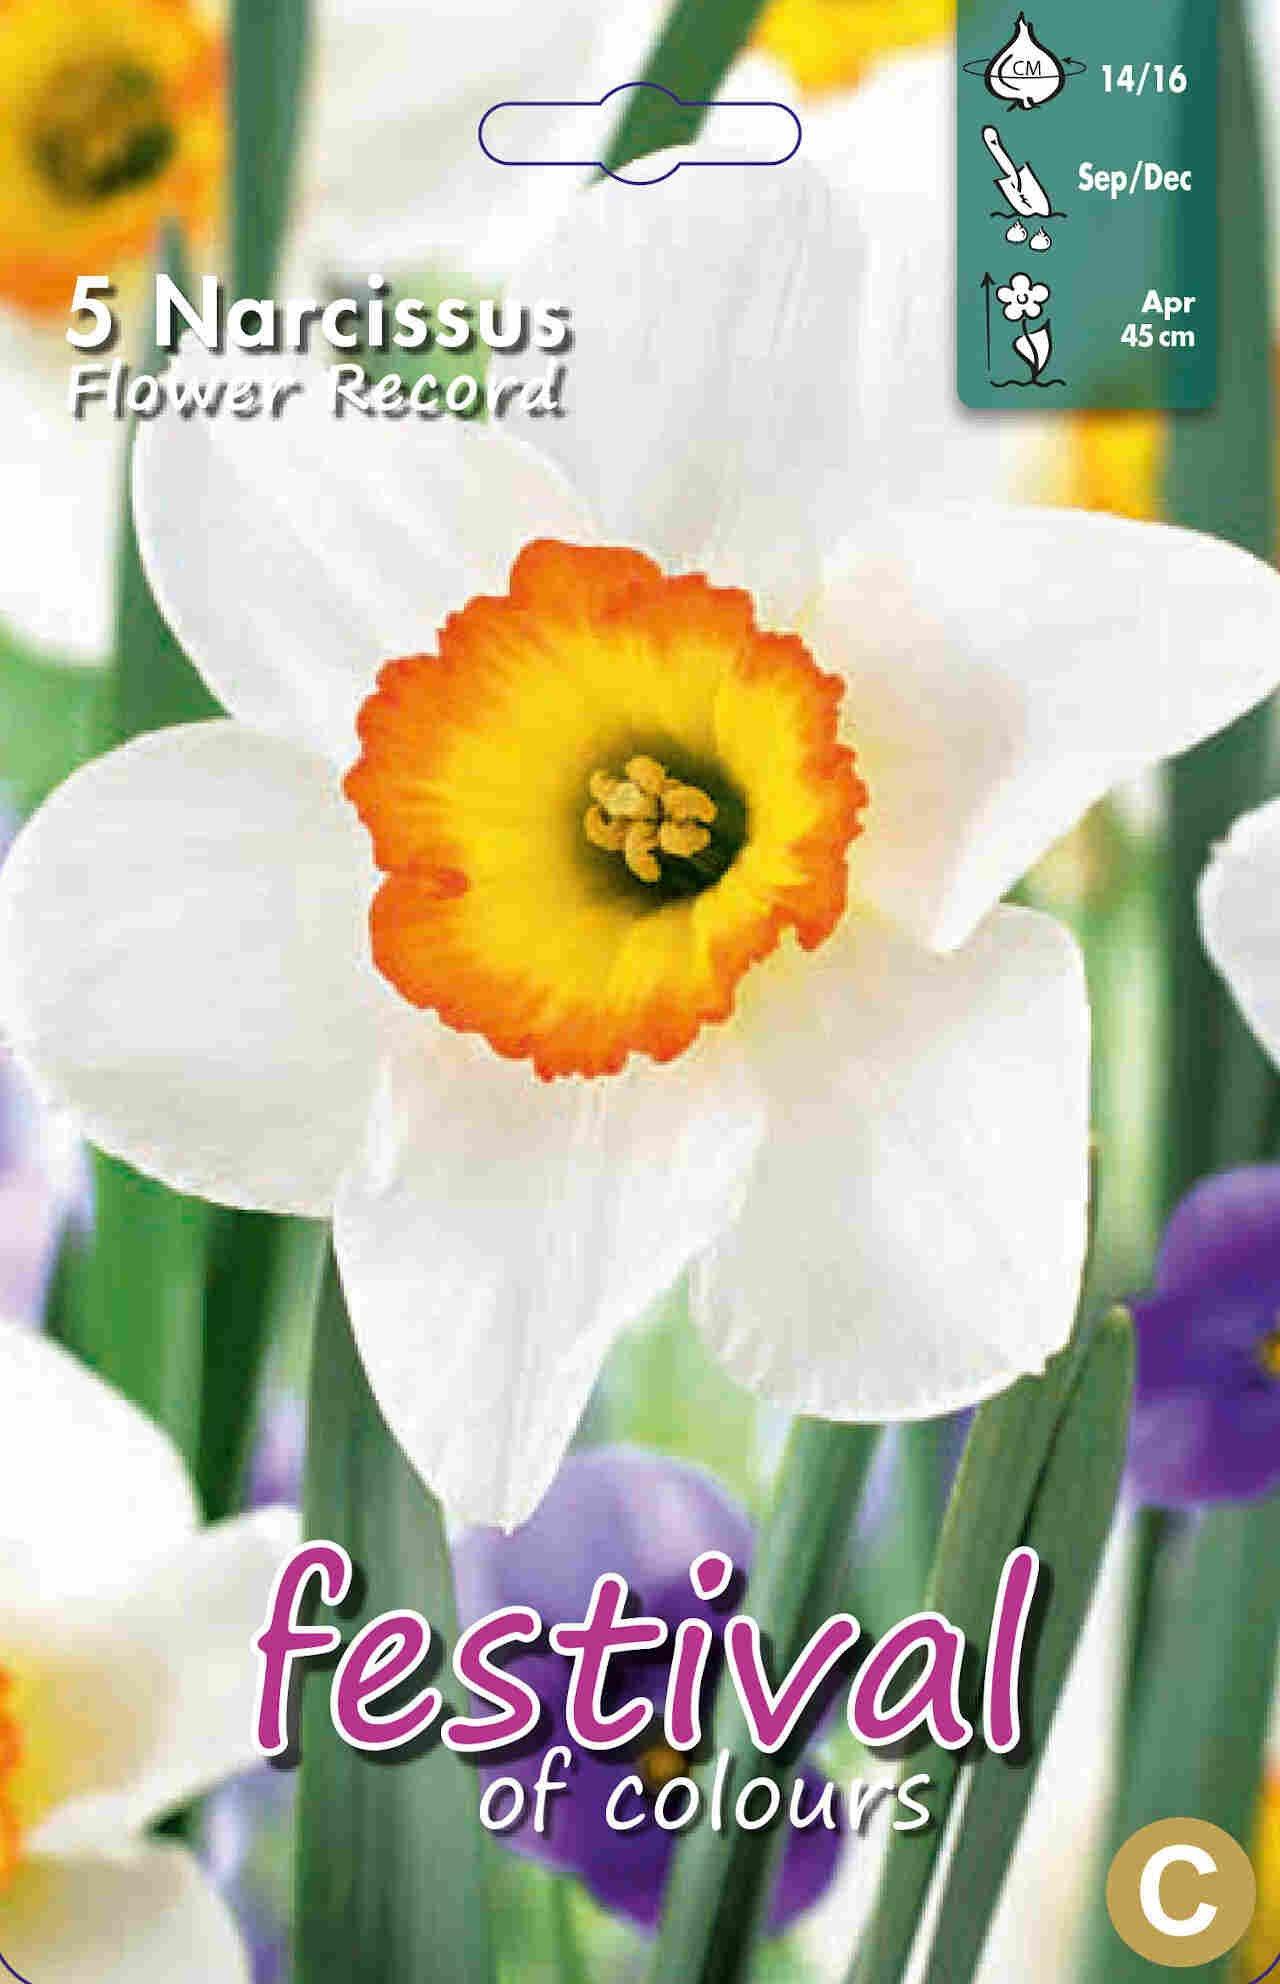 Påskeliljeløg - Narcissus Flower Record 14/16